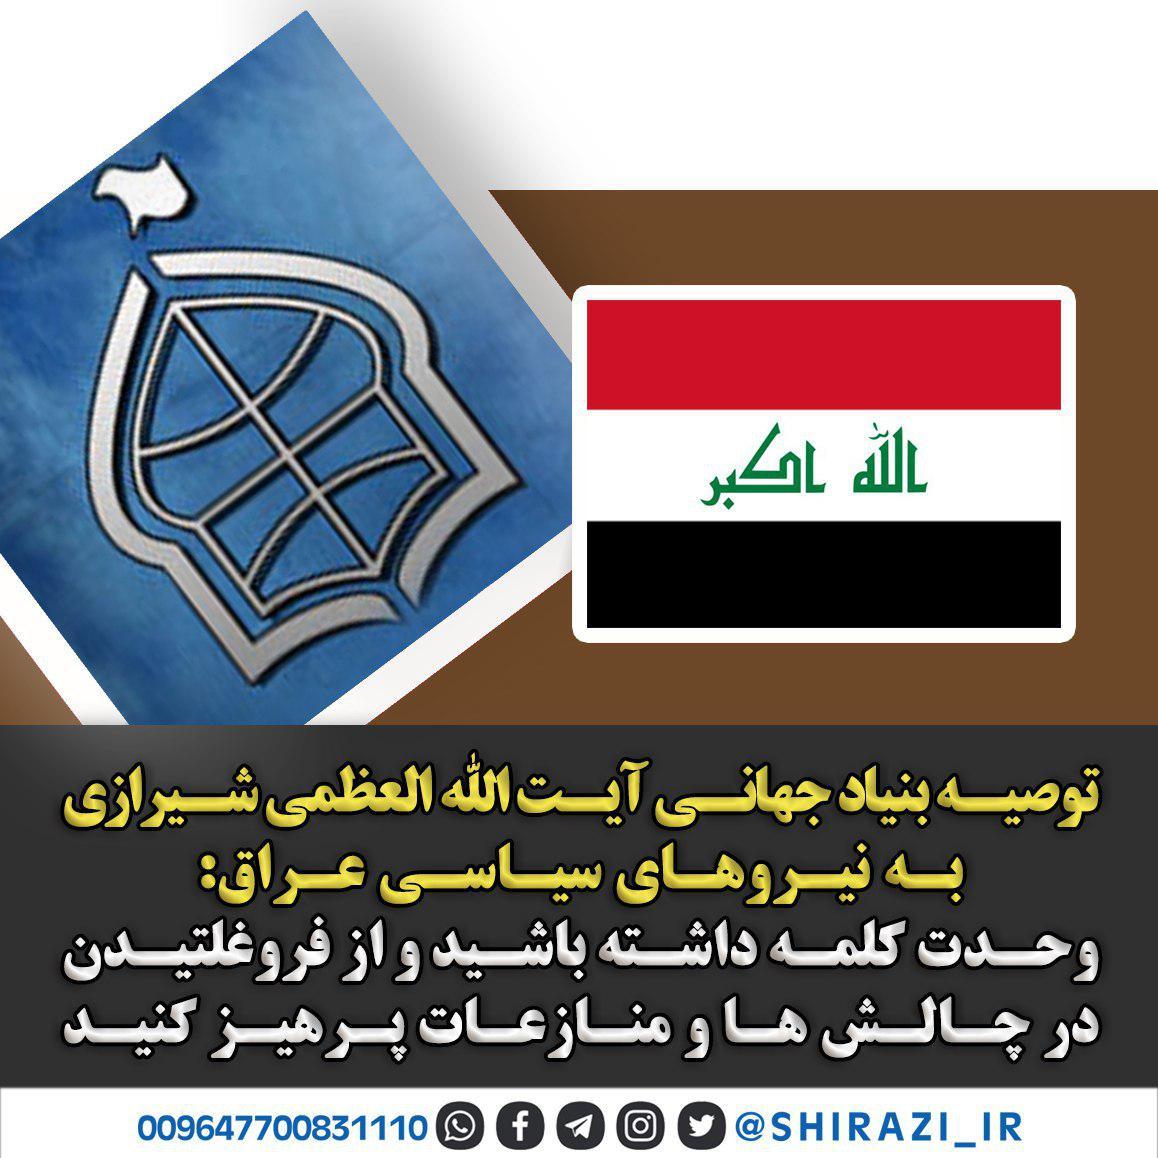 تصویر توصیه بنیاد جهانی آیت الله العظمی شیرازی به نیروهای سیاسی عراق: اتحاد داشته باشید و بروز منازعات پرهیز کنید